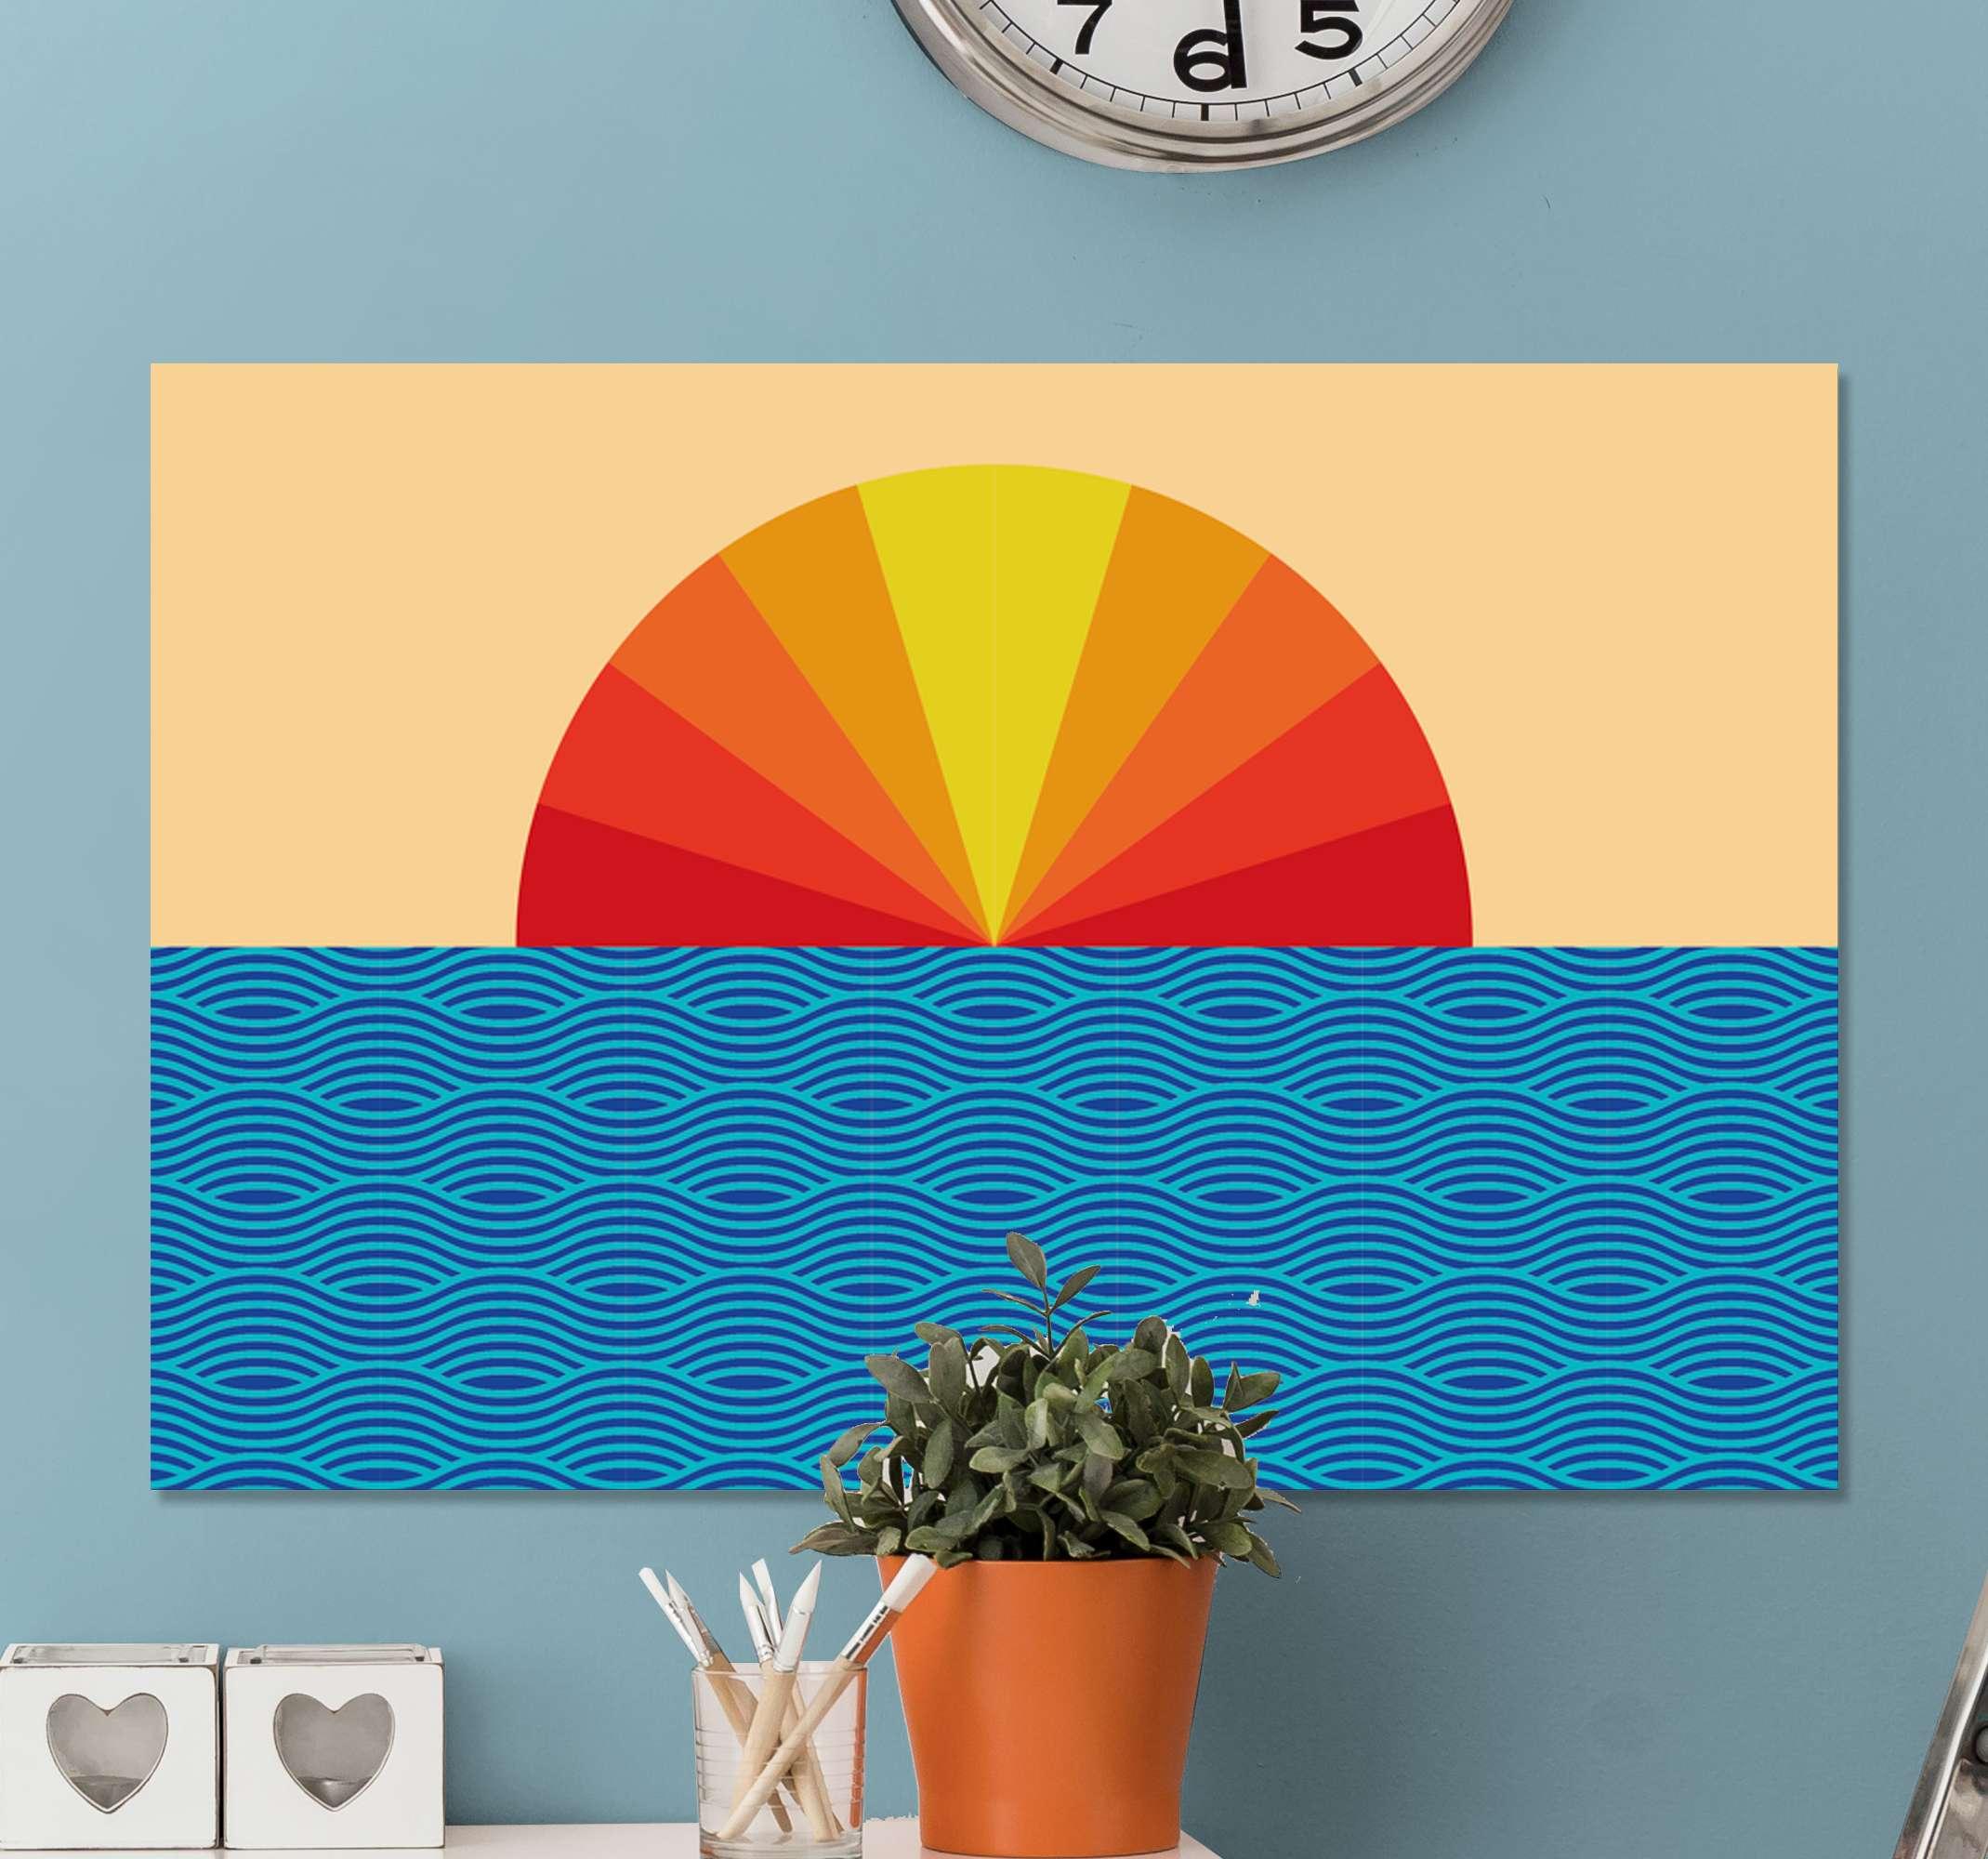 TenStickers. 复古日落70年代帆布墙艺术. 老式的日落70年代的帆布版画与太阳的折射颜色与海浪的景观插画设计。原始,耐用且重量轻。